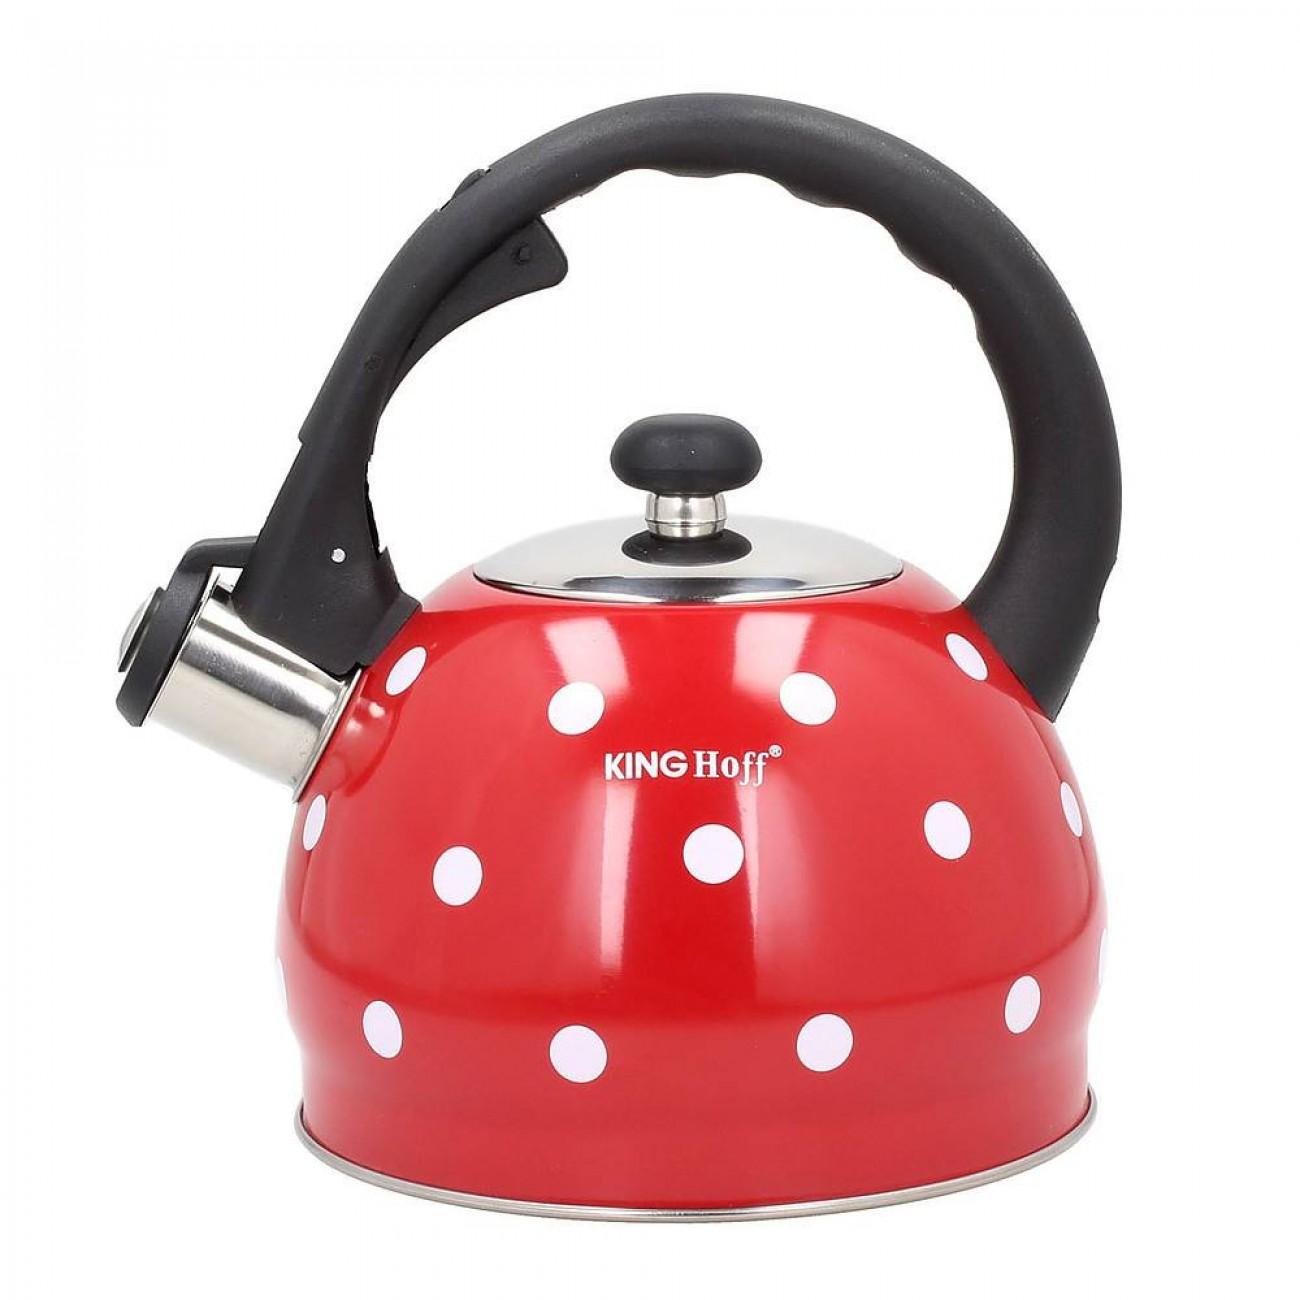 Свирещ чайник Kinghoff KH 1049, 2 литра, Топлоизолирана дръжка, Индукция, Червен на бели точки в Чайници - Kinghoff | Alleop